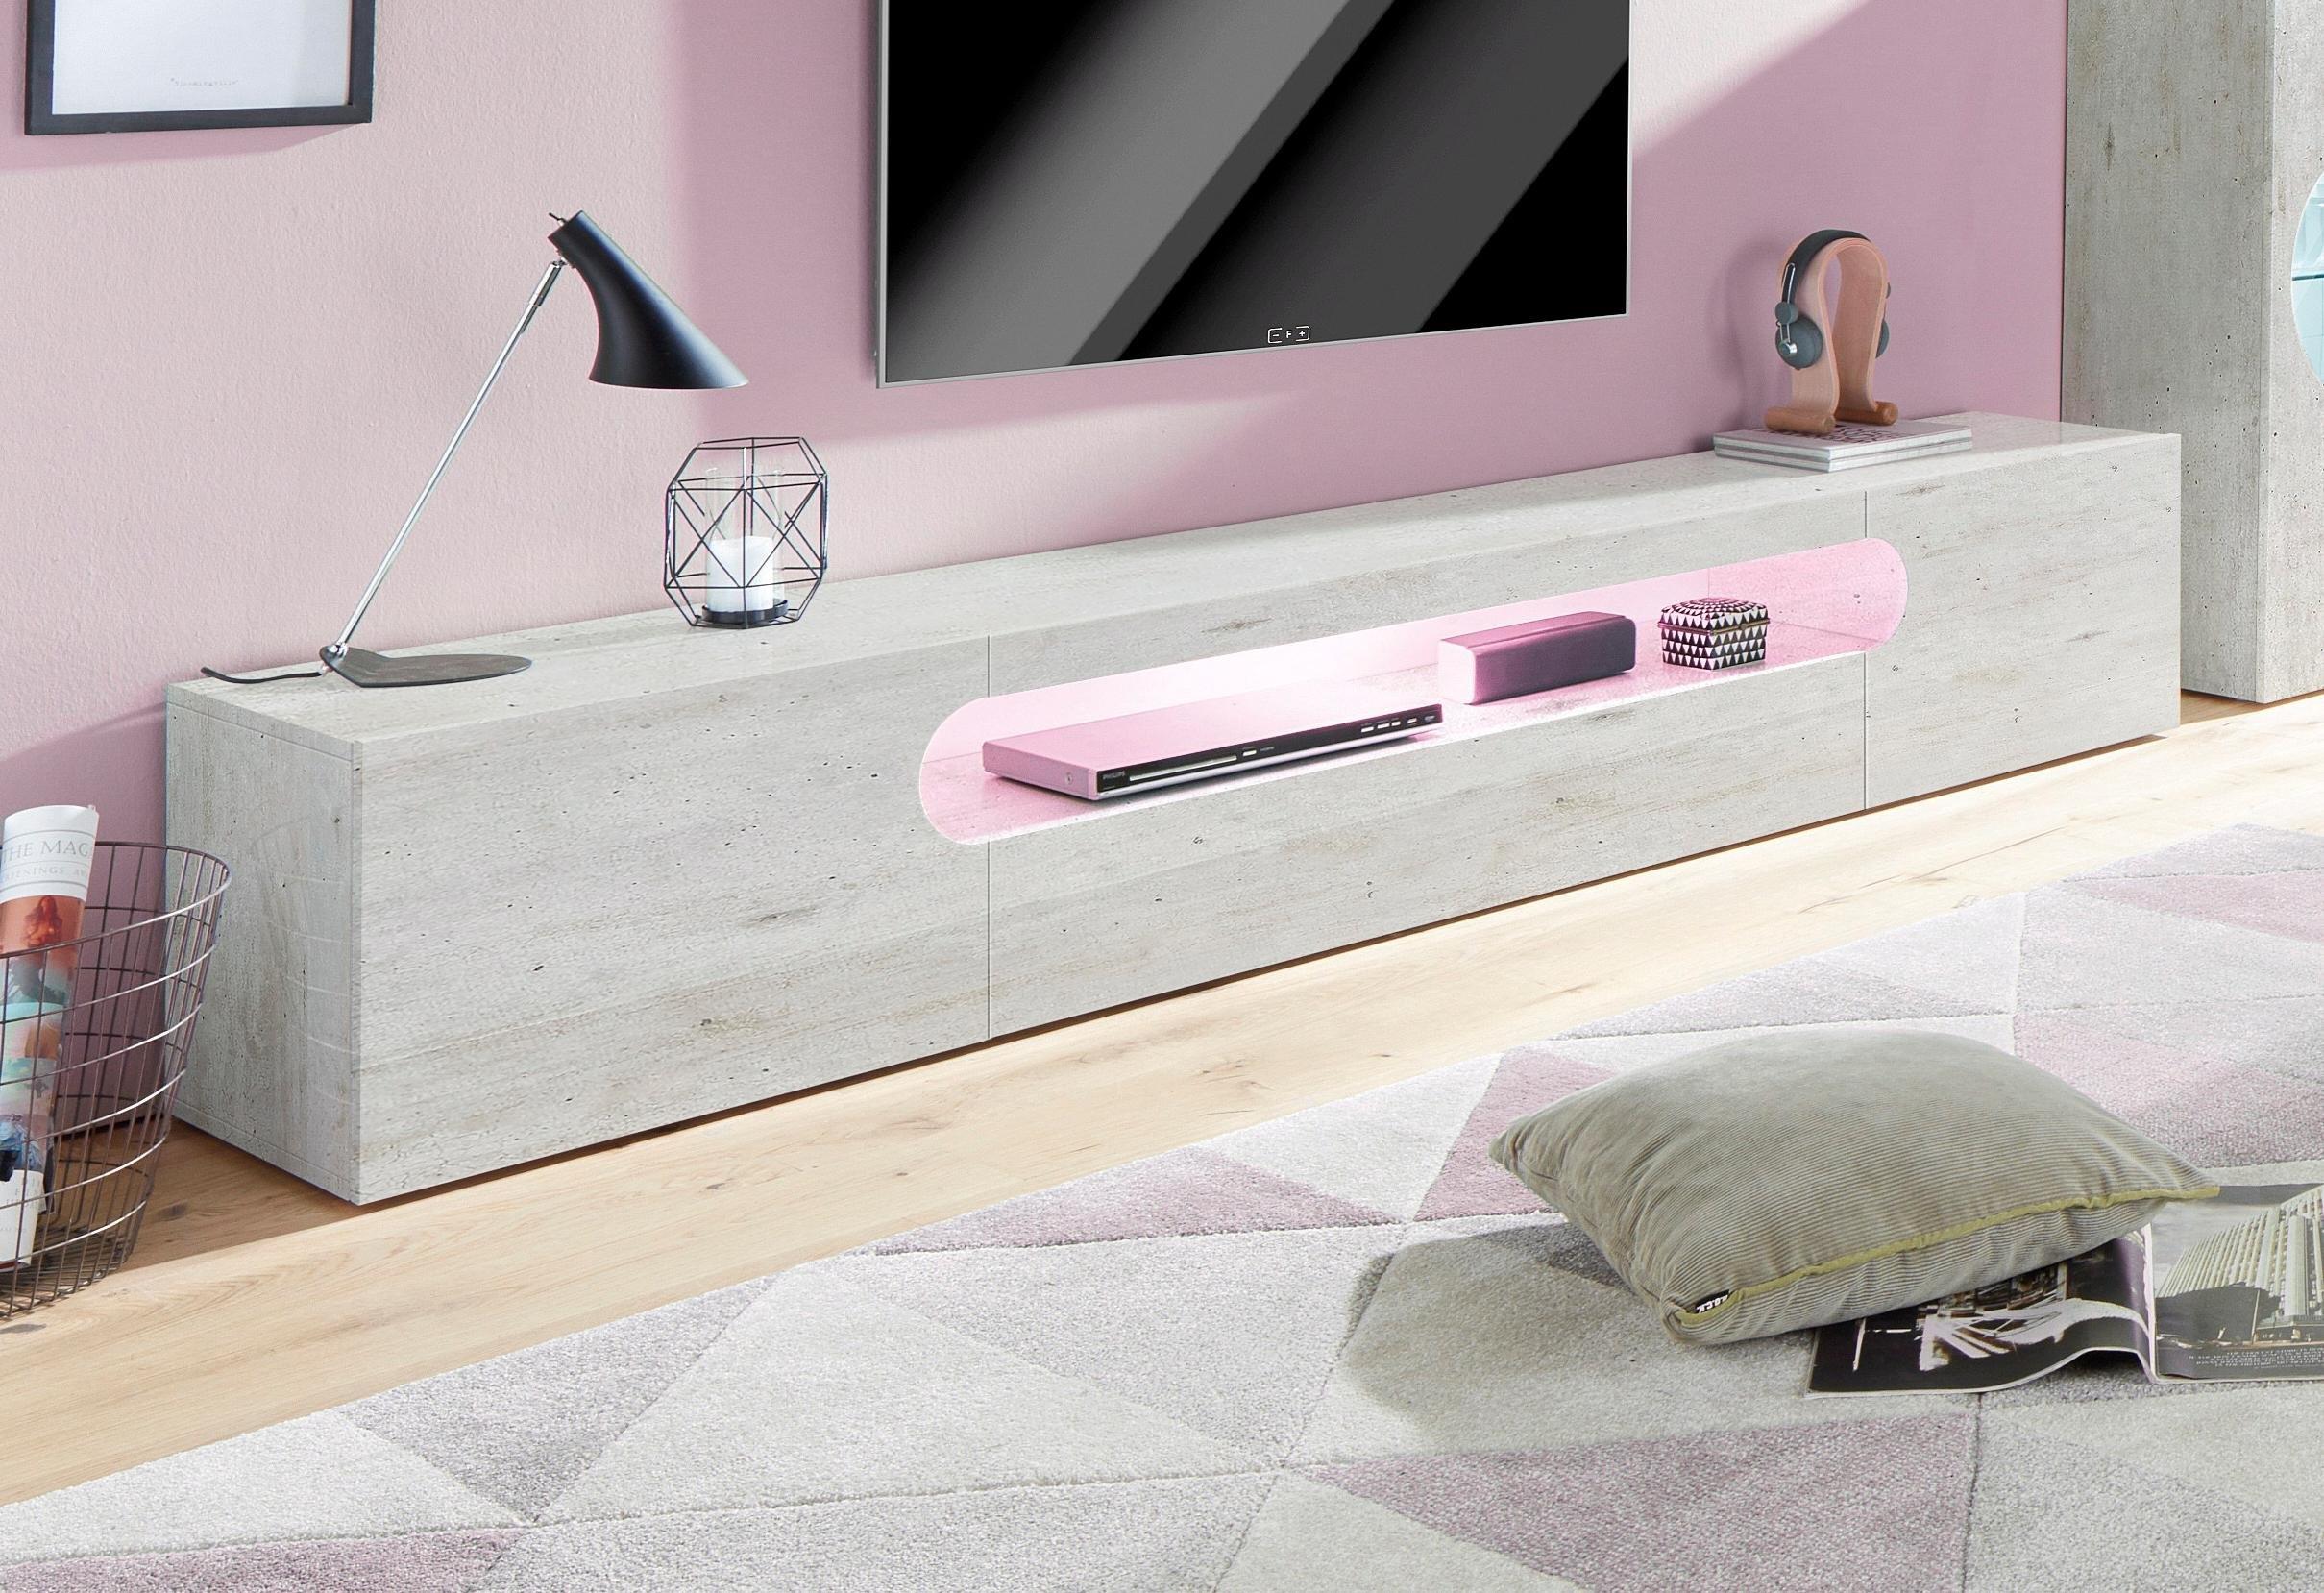 Ikea Tv Kast Grijs.Tv Meubel Kopen Vind Het Ideale Meubel Voor Jouw Woonkamer Otto